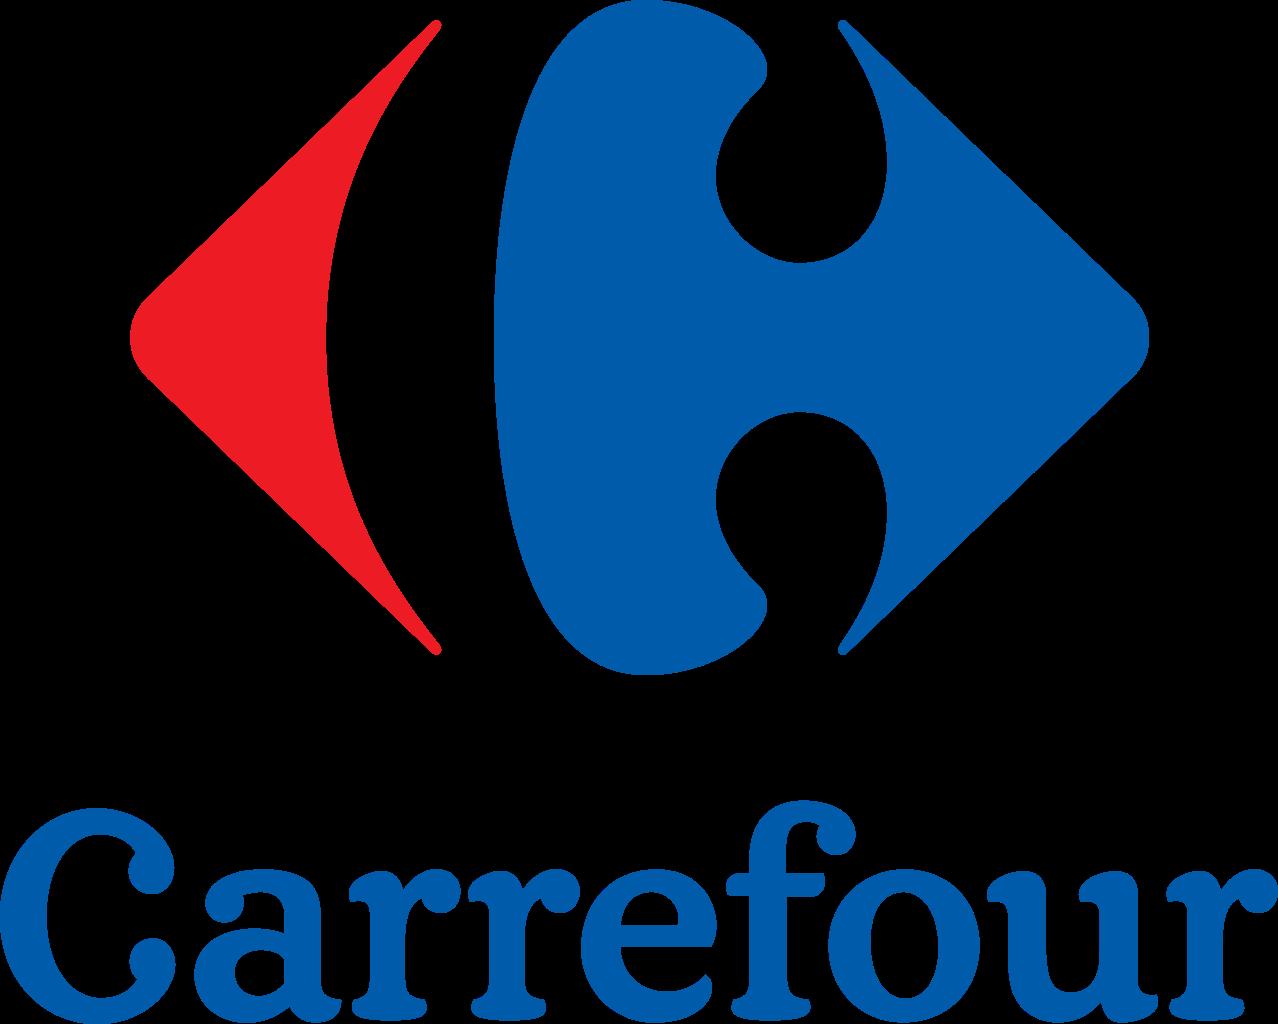 Incompréhensible : les actionnaires de Carrefour offrent 17 millions d'euros au PDG qui a envoyé le groupe dans le mur